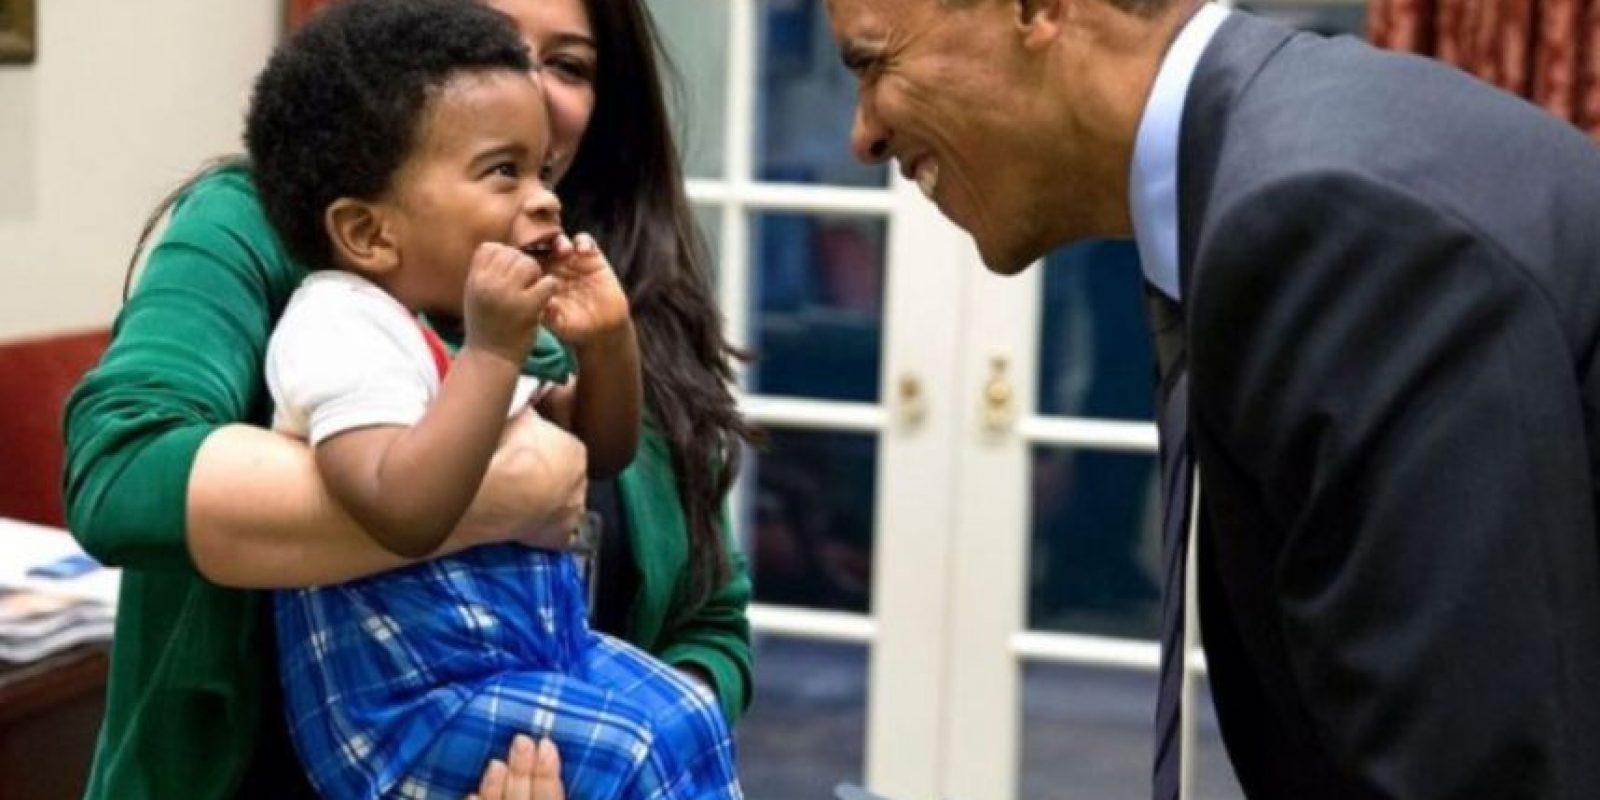 Parece que Obama siempre quiere hacer reír a los niños. Foto: Vía whitehouse.gov/photos. Imagen Por: